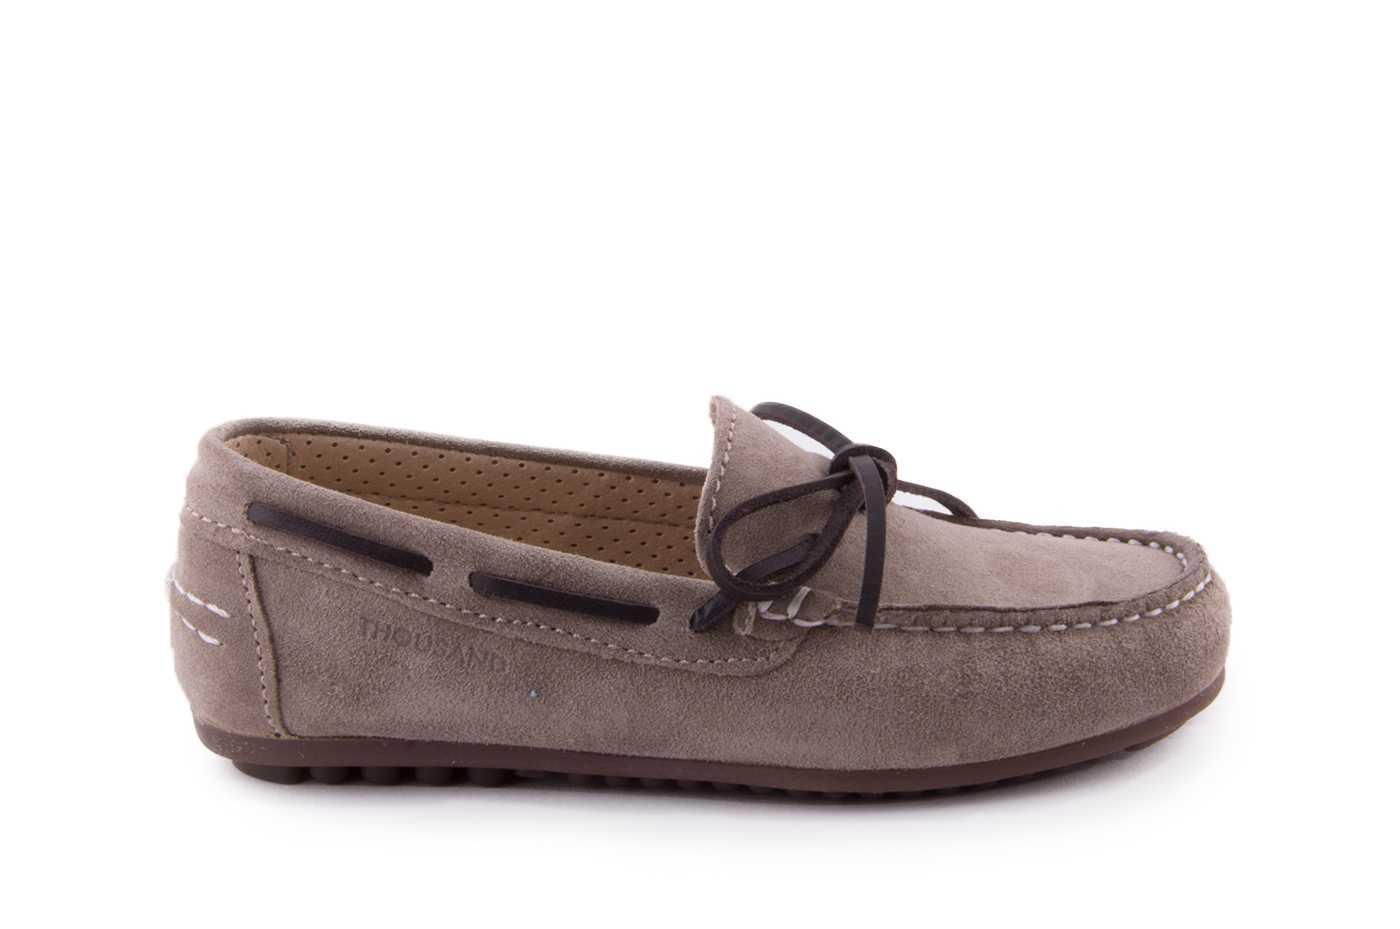 0285ac17f93 Comprar zapato tipo JOVEN NIÑO estilo MOCASIN COLOR CAMEL ANTE ...